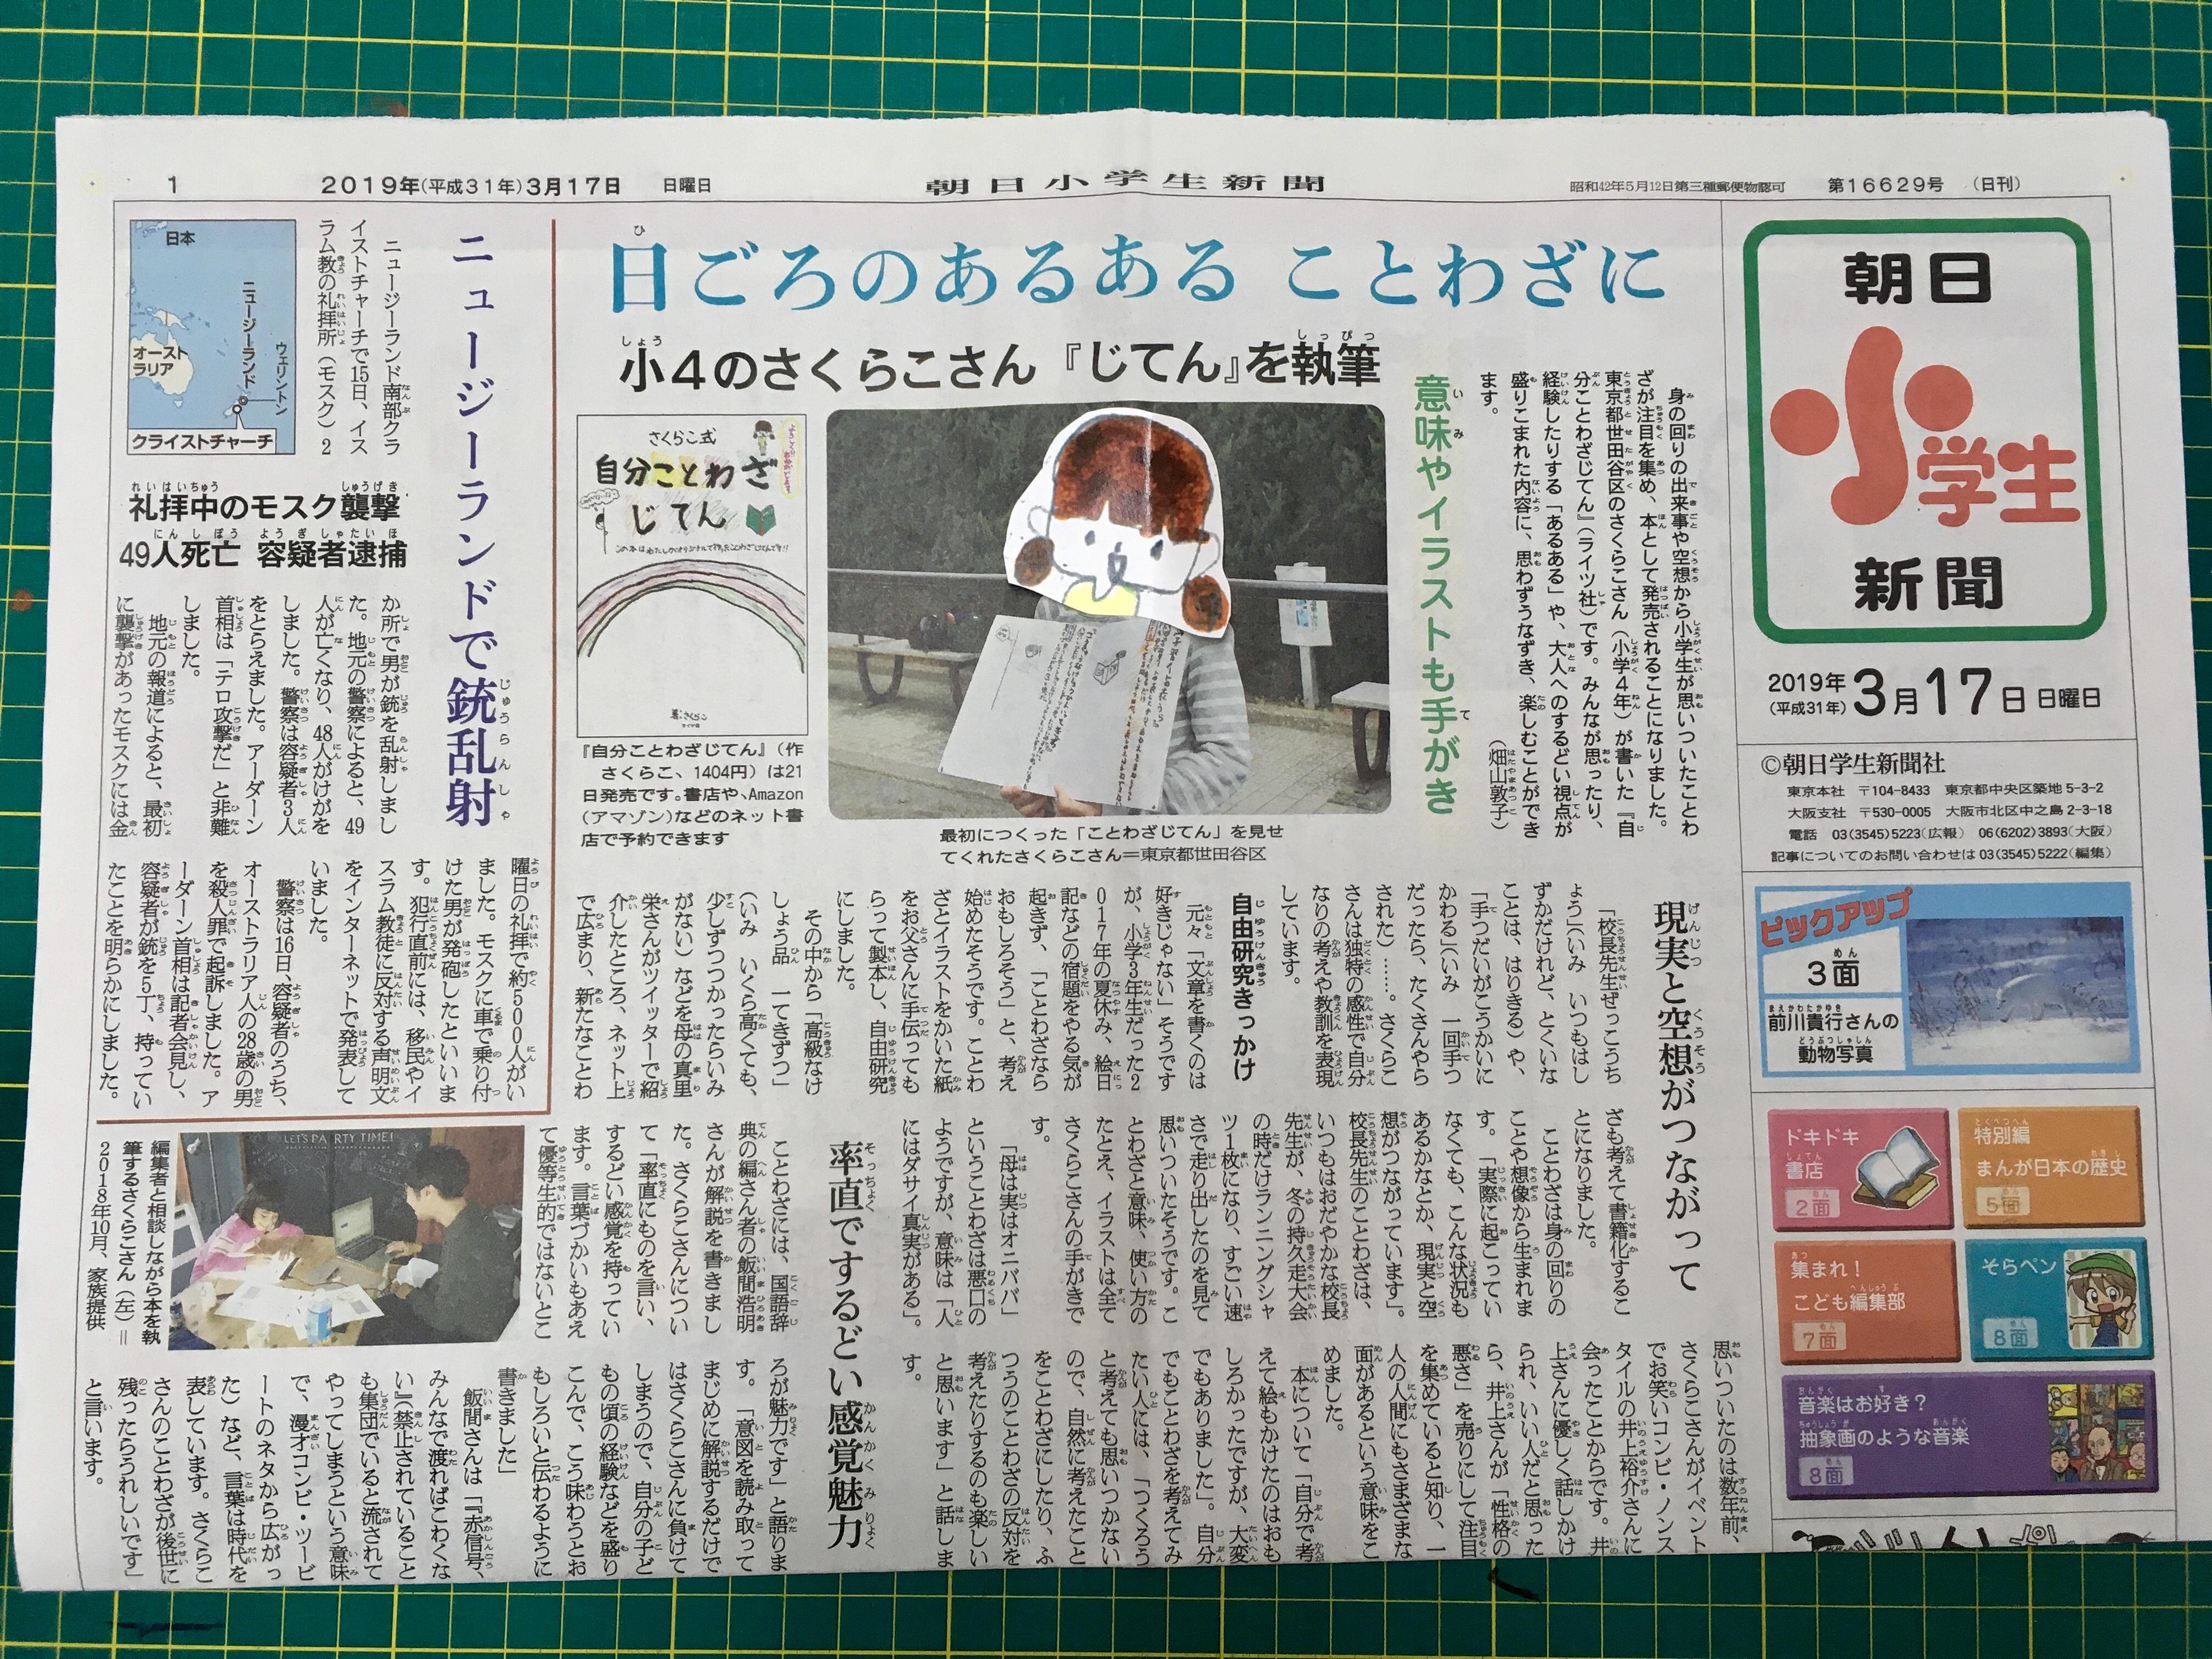 「朝日小学生新聞に『自分ことわざじてん』が掲載されました!」記事アイキャッチ画像